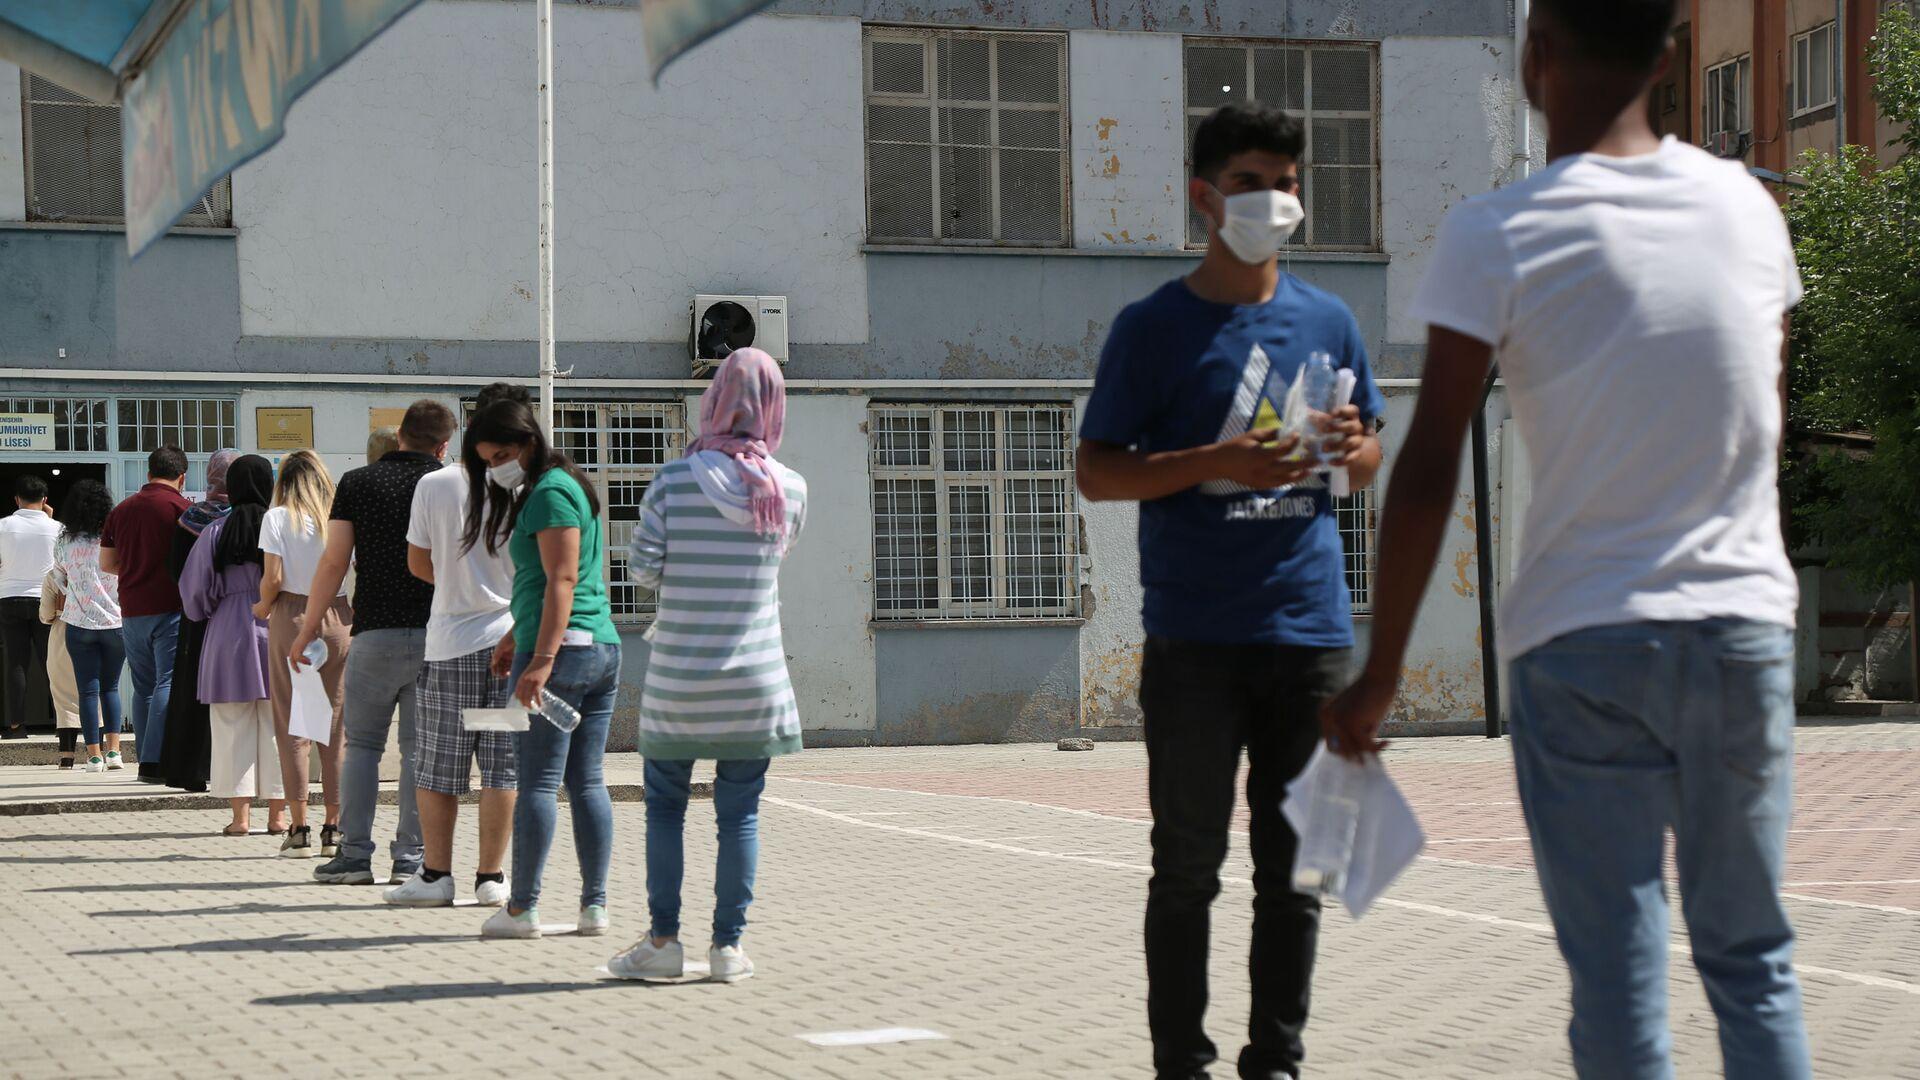 YKS manzaraları: Öğrenciler içeride ter döktü, veliler dışarıda dua etti - Sputnik Türkiye, 1920, 26.09.2021